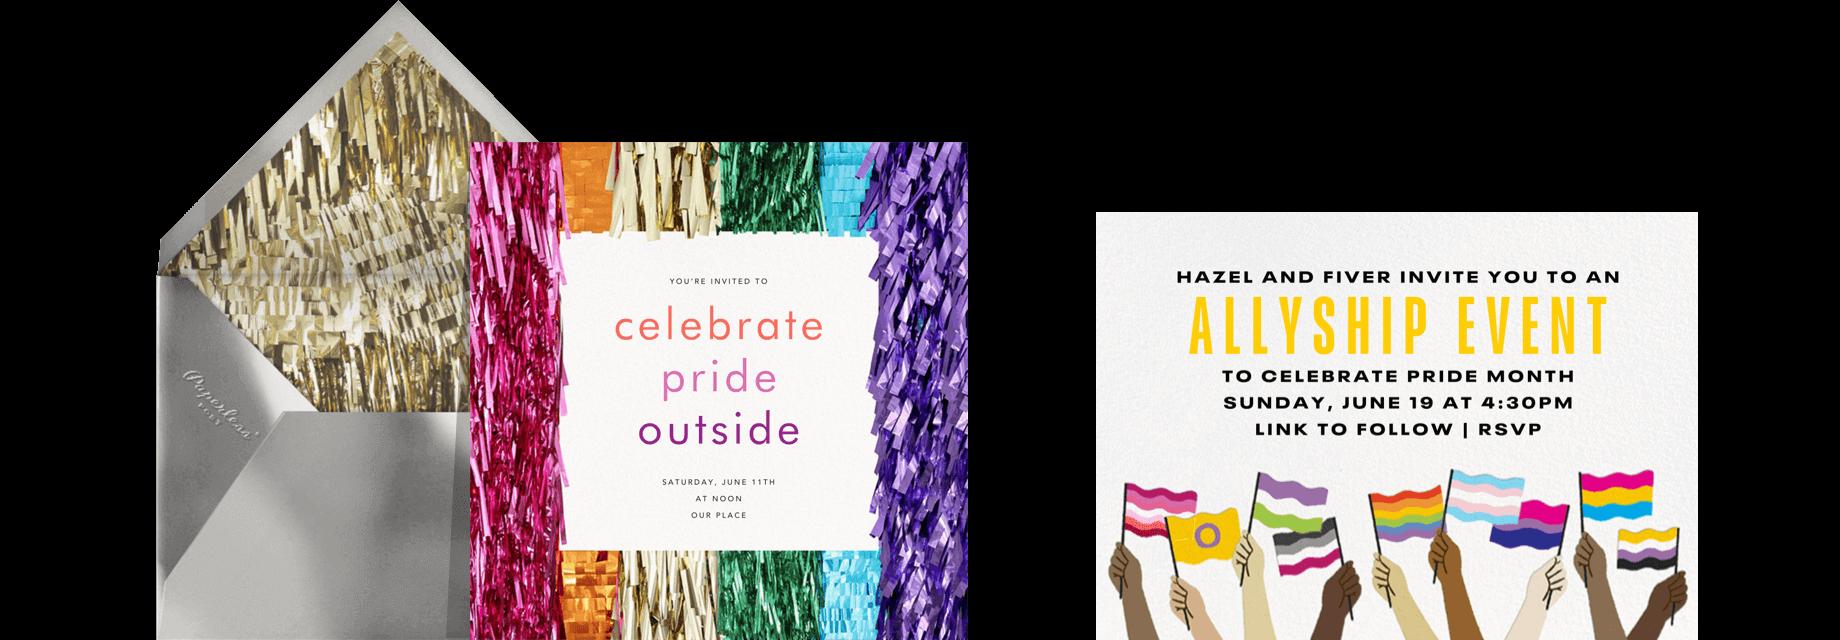 Pride party invitations